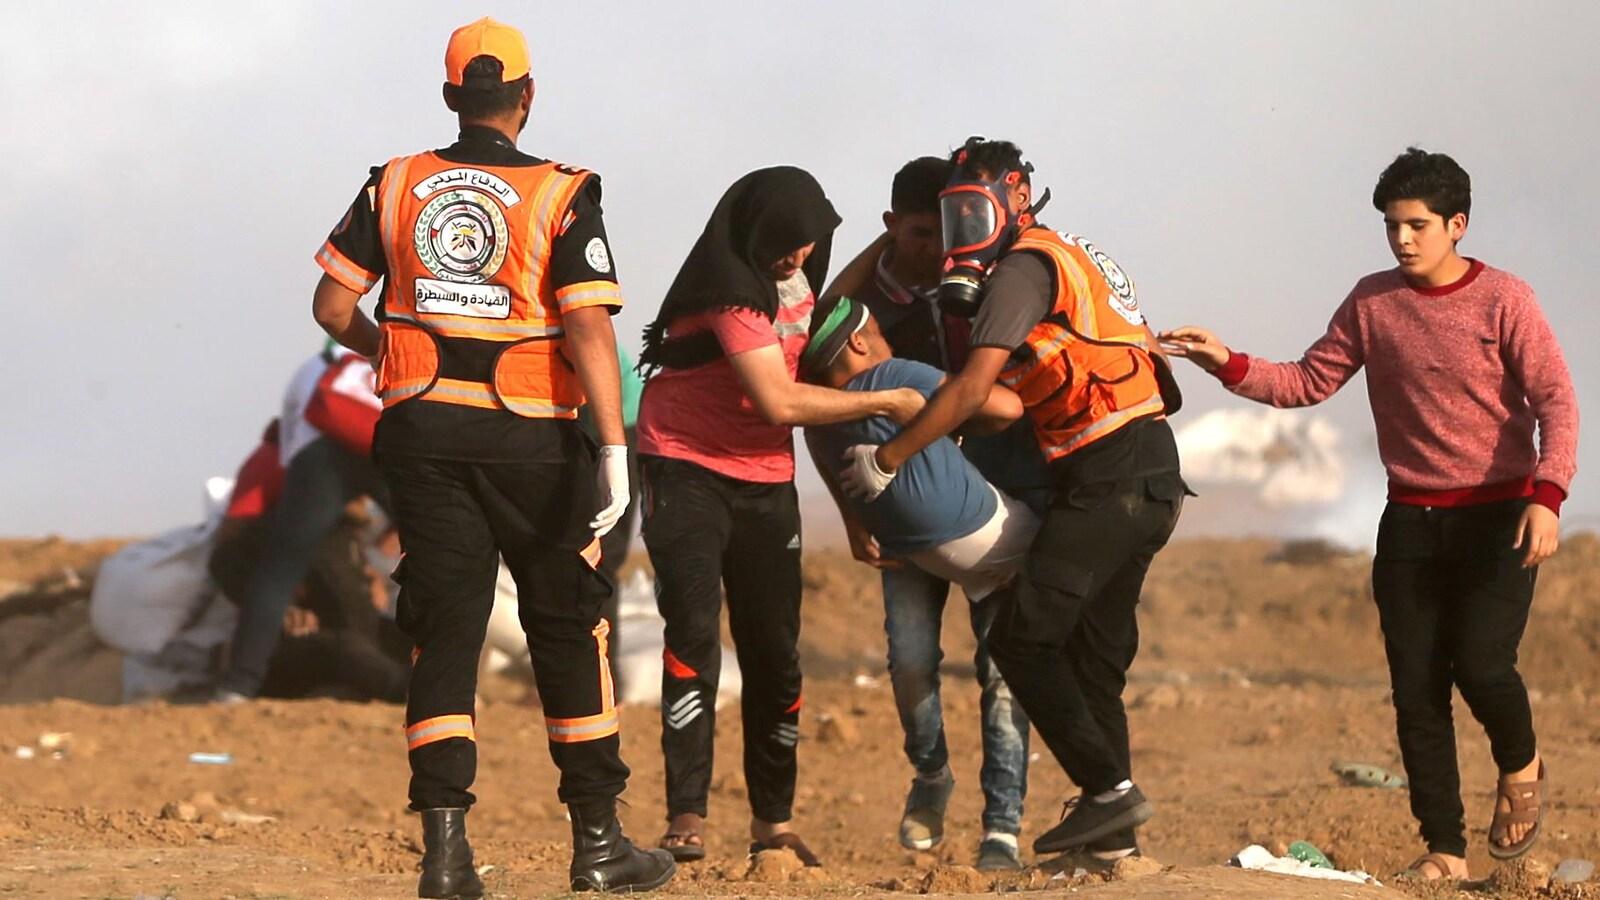 Des hommes et une femme transportent une jeune personne, qui semble inconsciente, dans leurs bras. Un des hommes porte un masque à gaz.